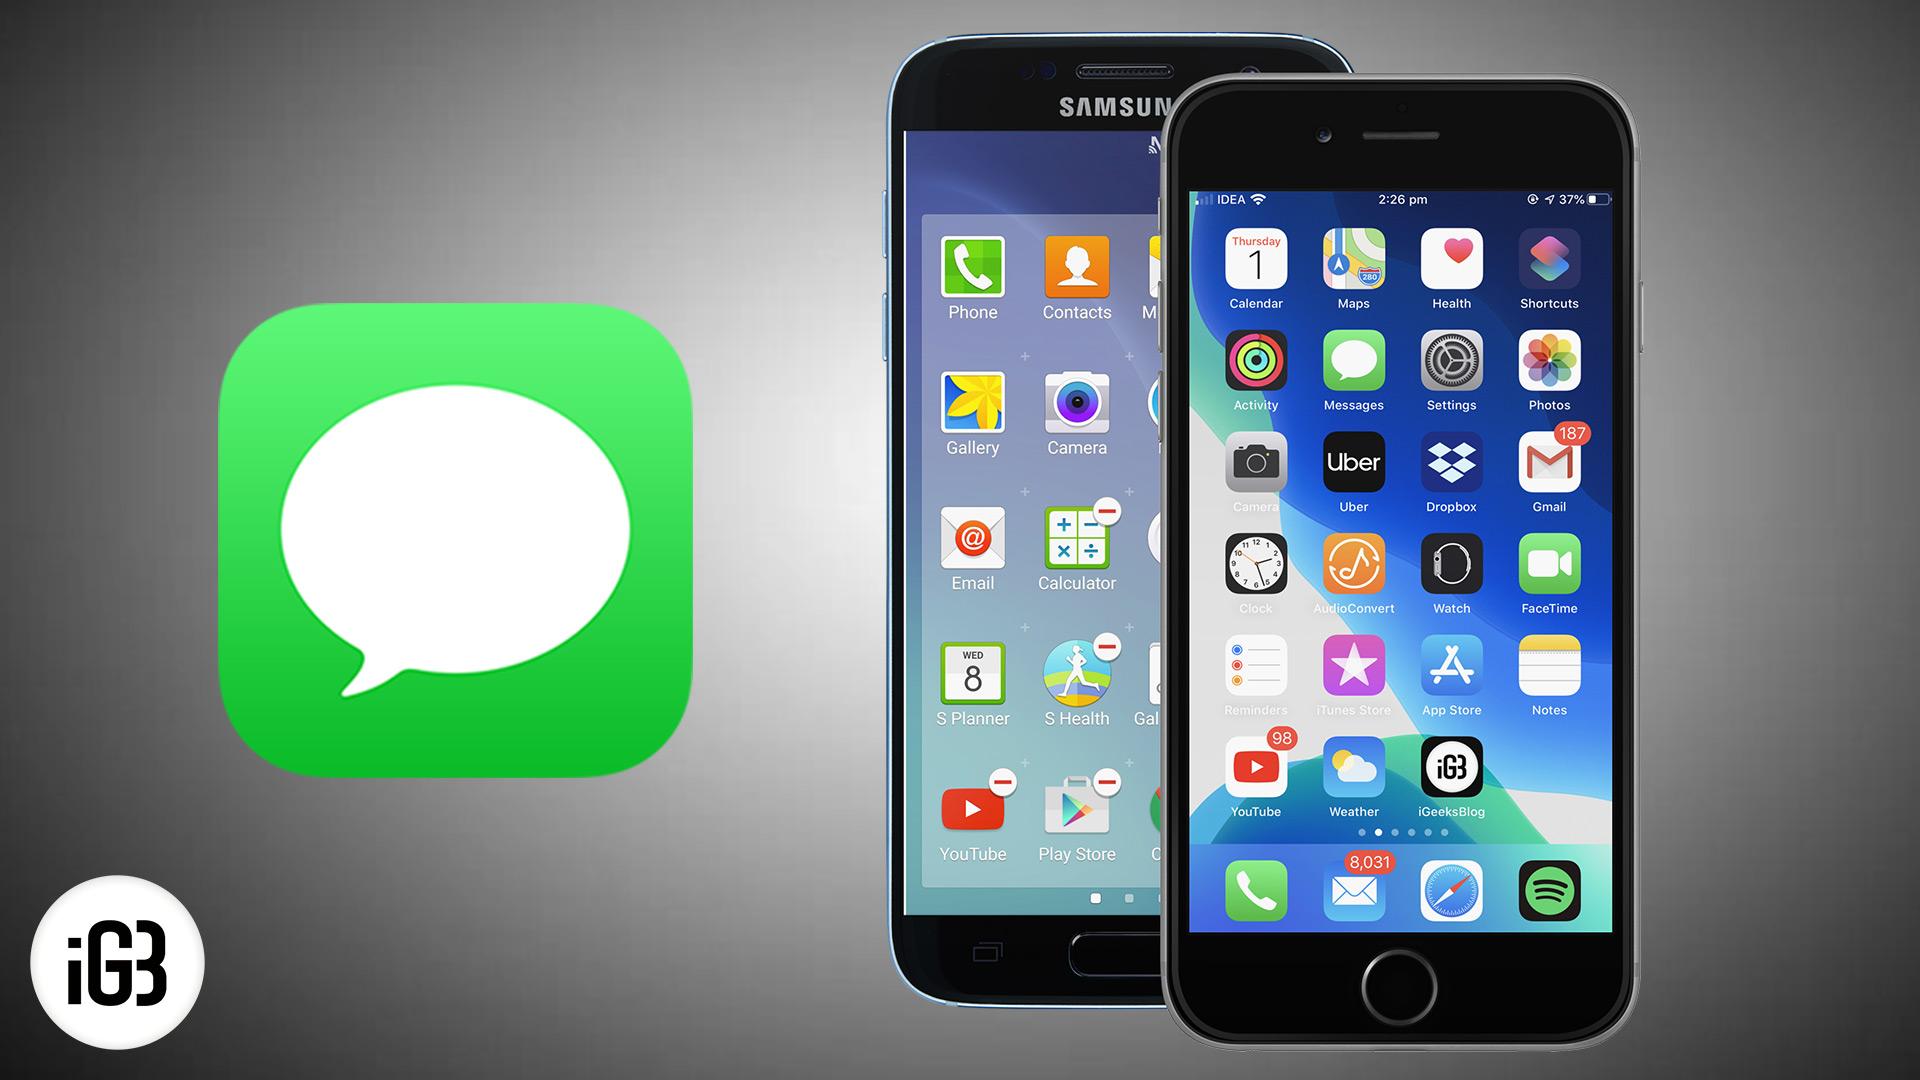 Keine Texte nach dem Wechsel vom iPhone zu Android erhalten: Was ist falsch?